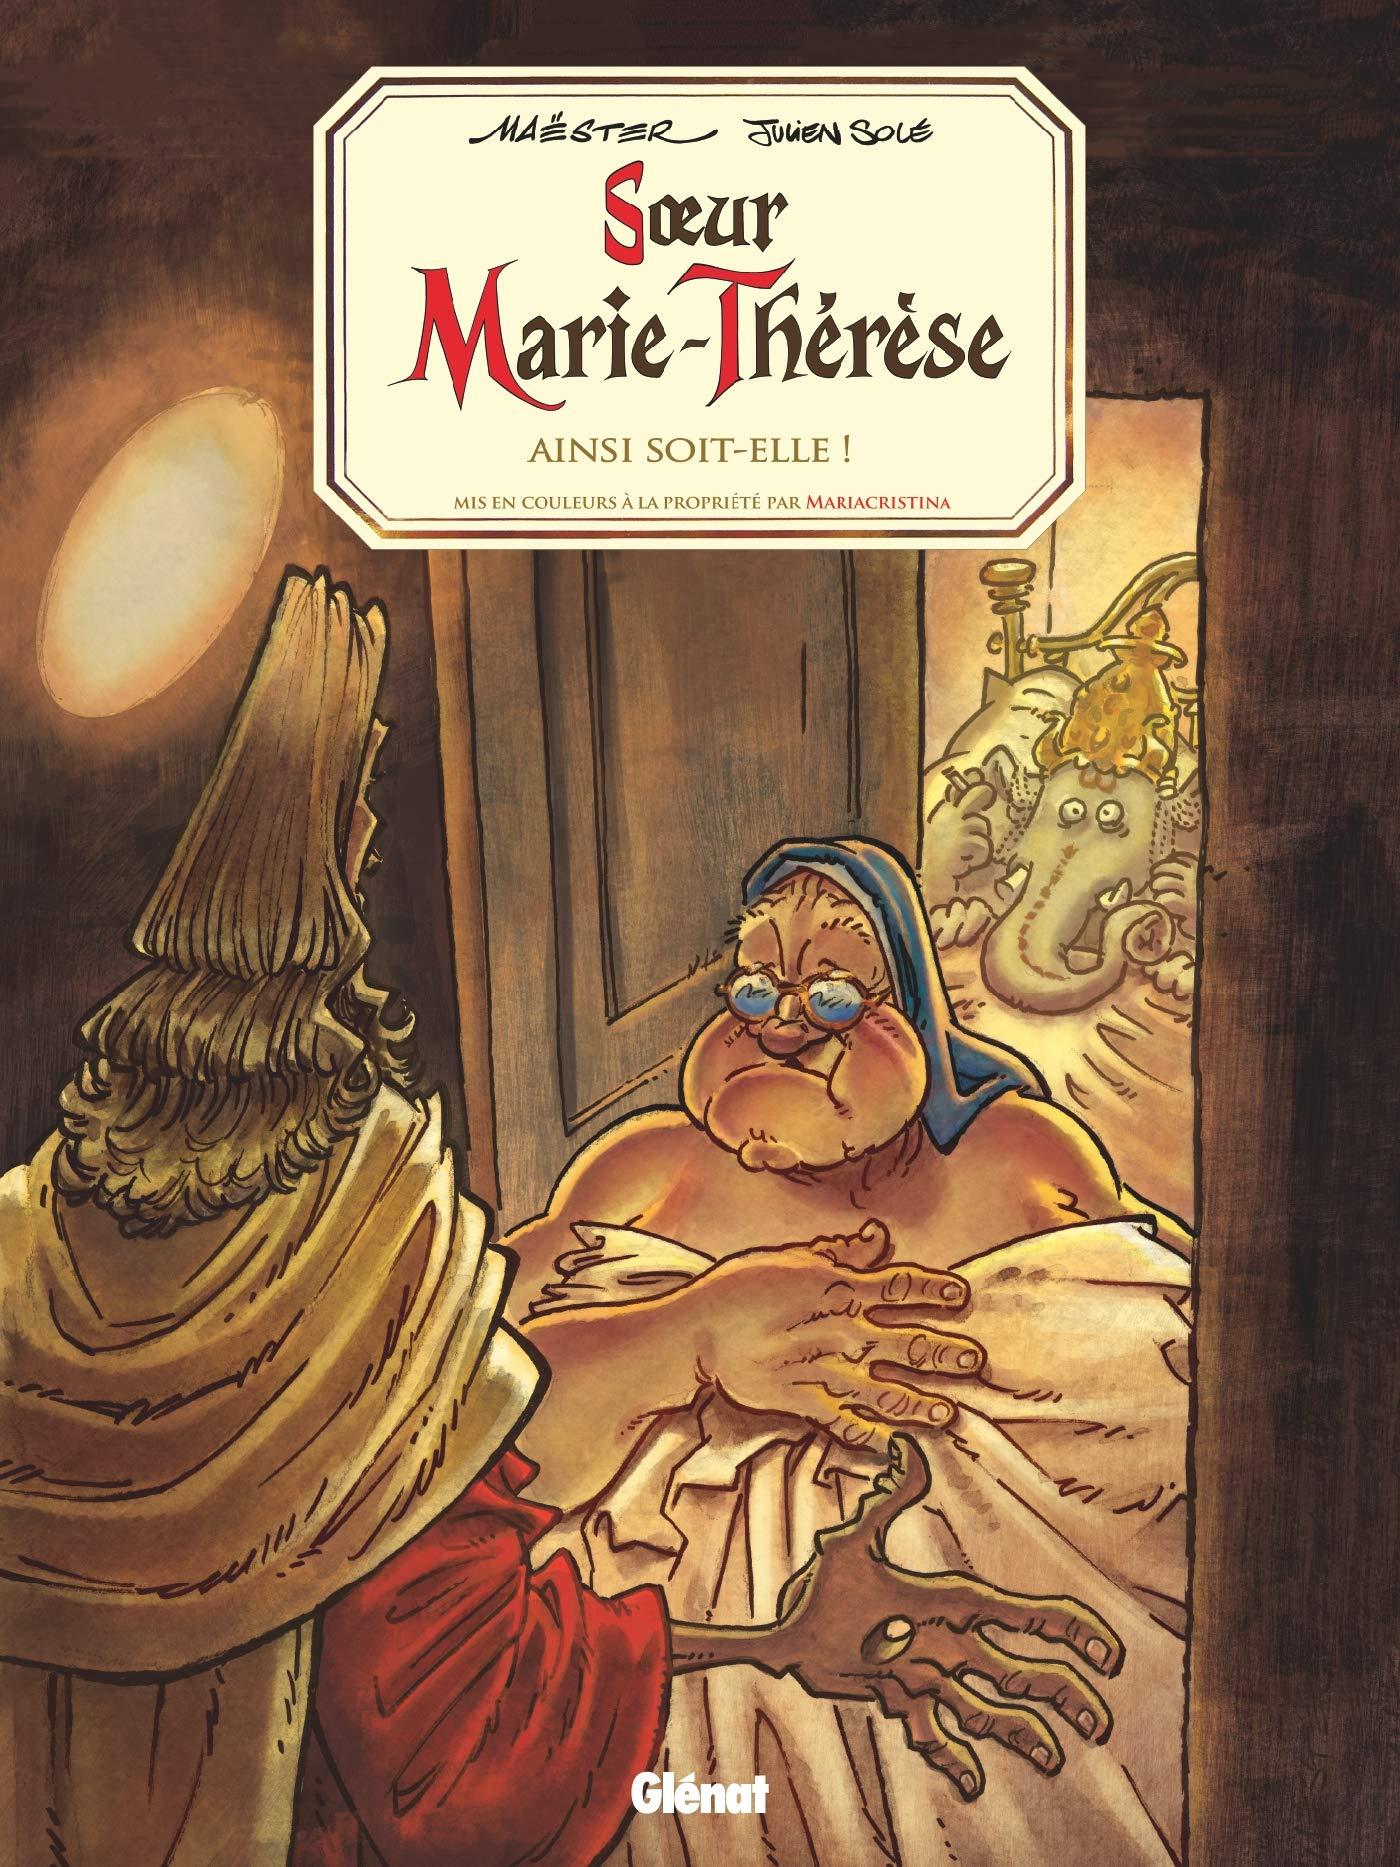 Soeur Marie-Thérèse des Batignolles 7 - Ainsi soit-elle !